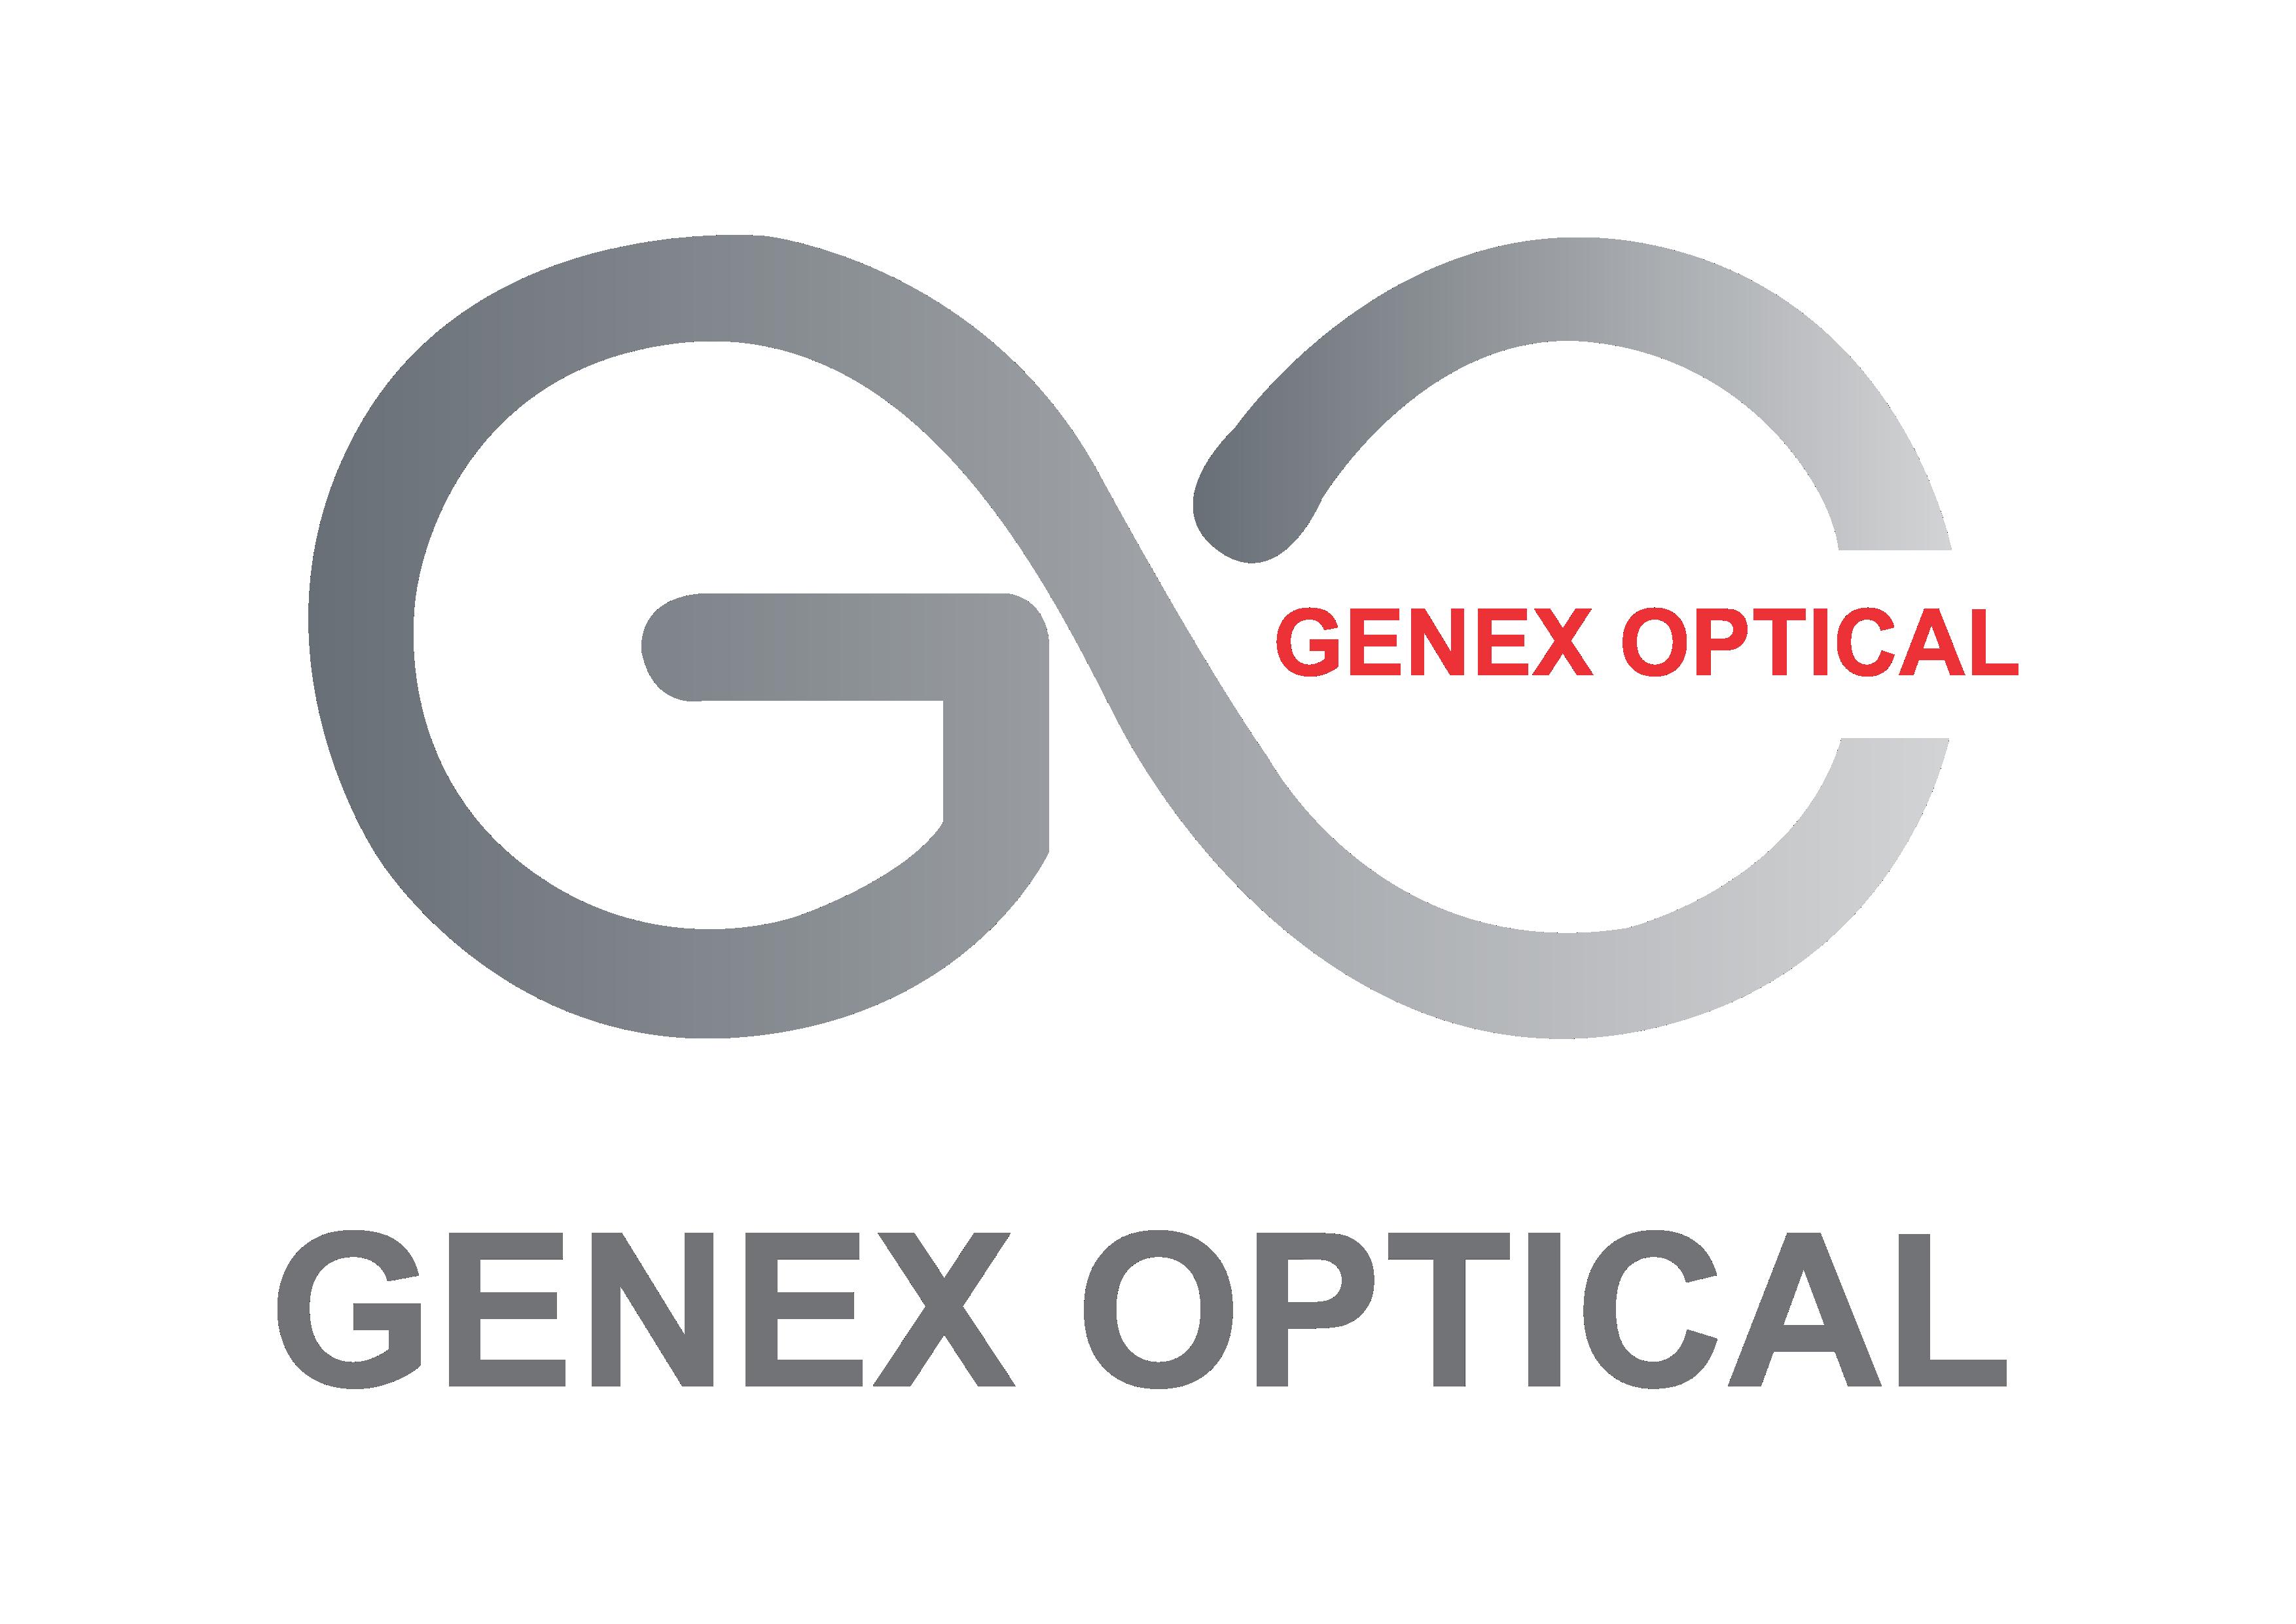 GENEX OPTICAL